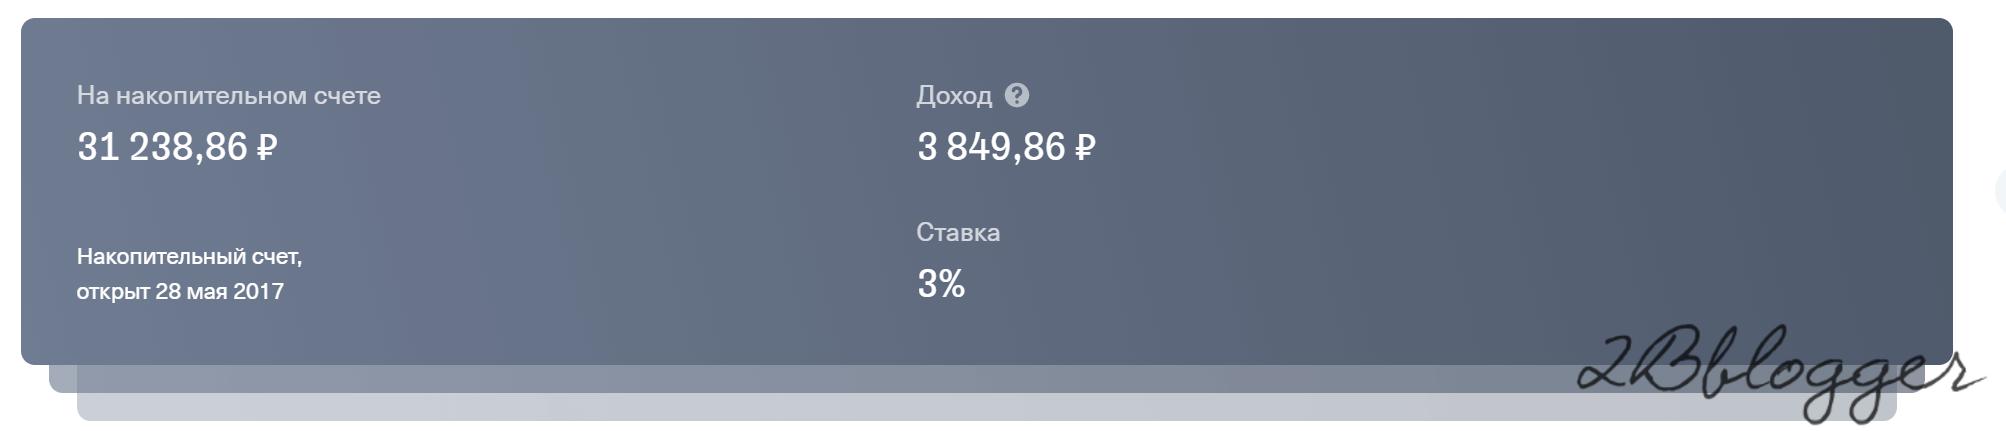 пассивный доход в рублях